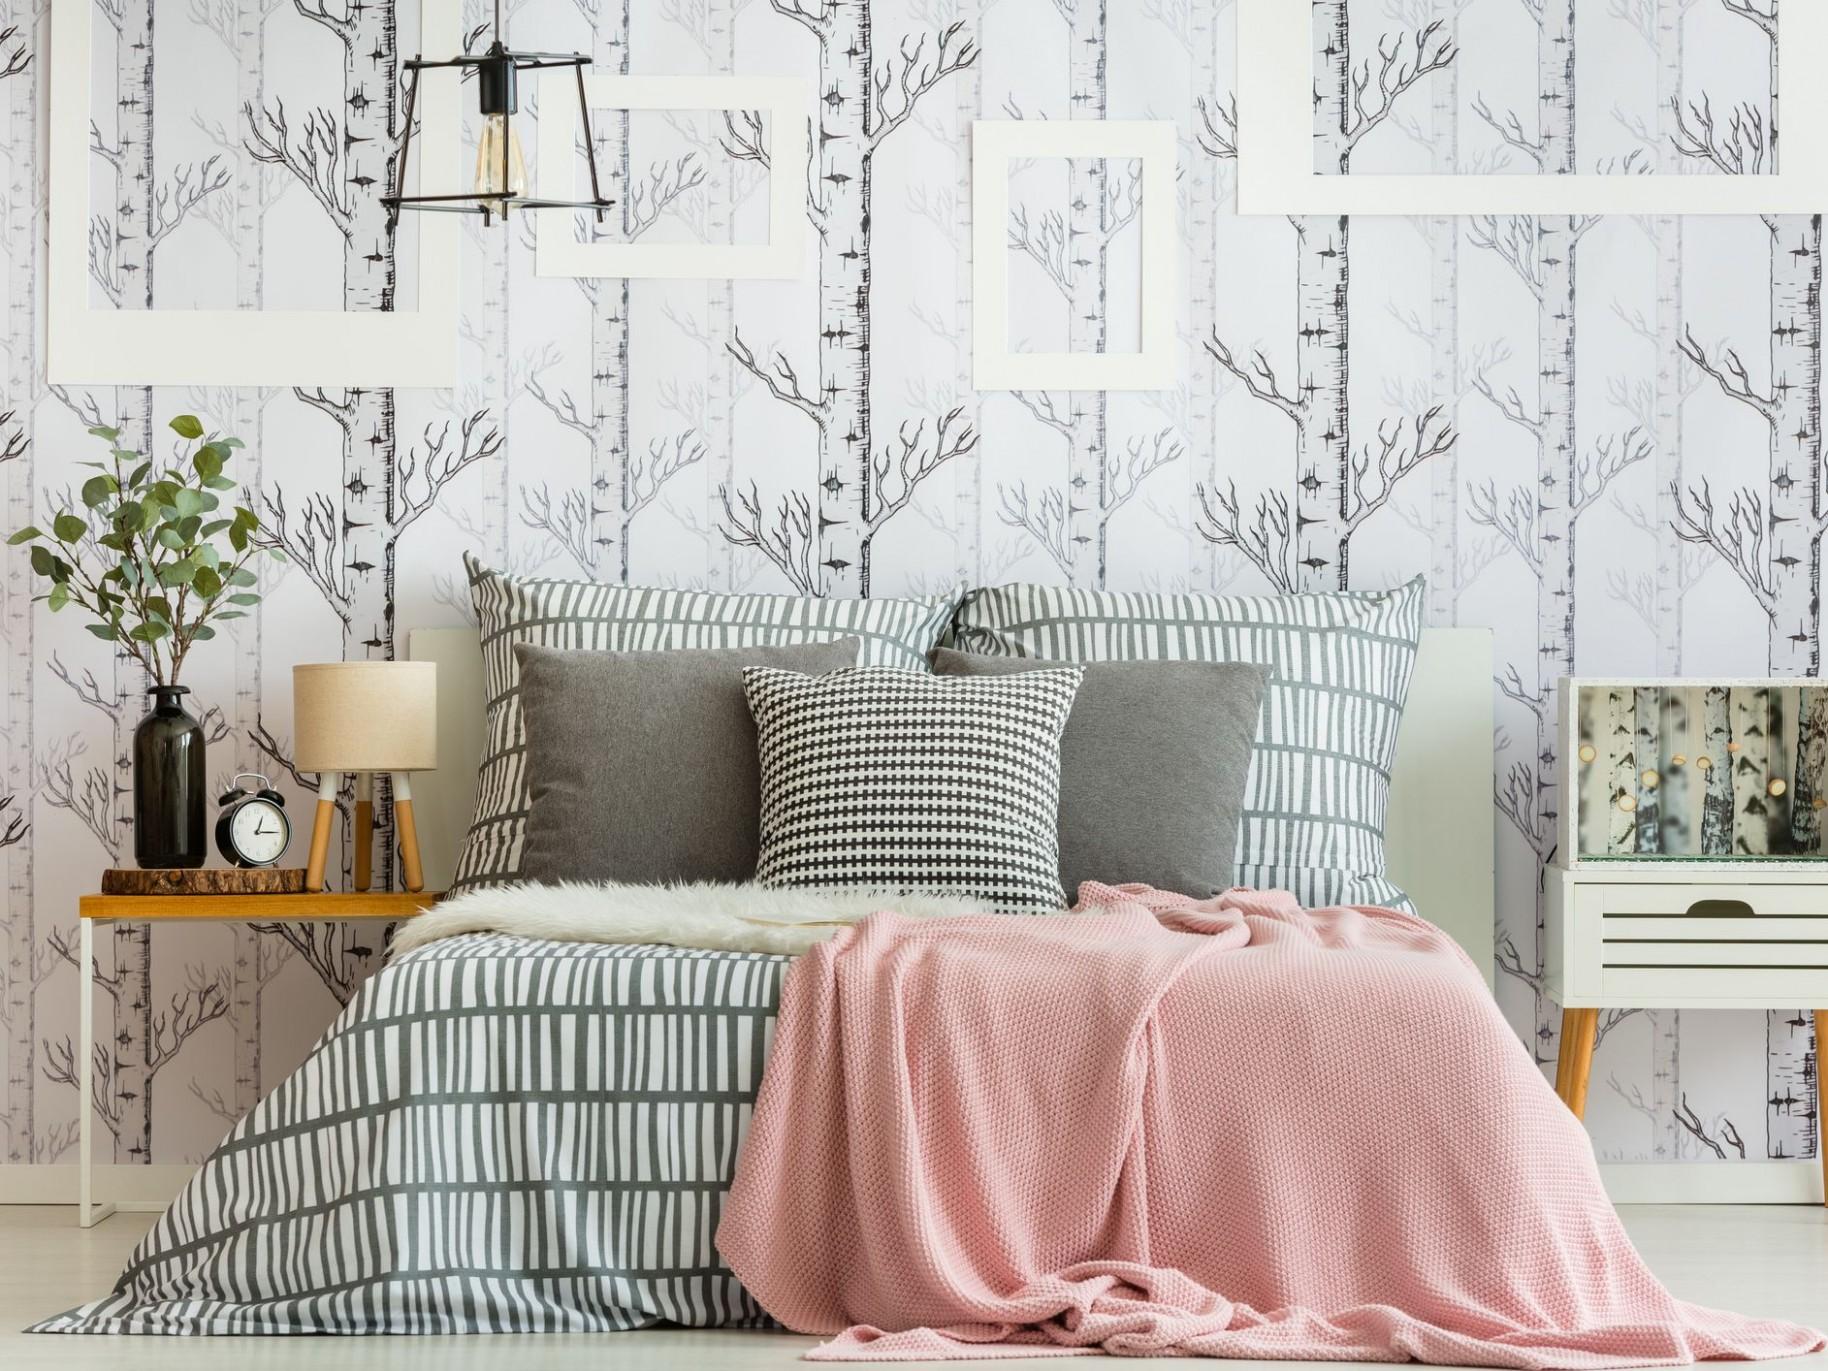 11 Beautiful Wallpapered Bedrooms - Bedroom Ideas Wallpaper